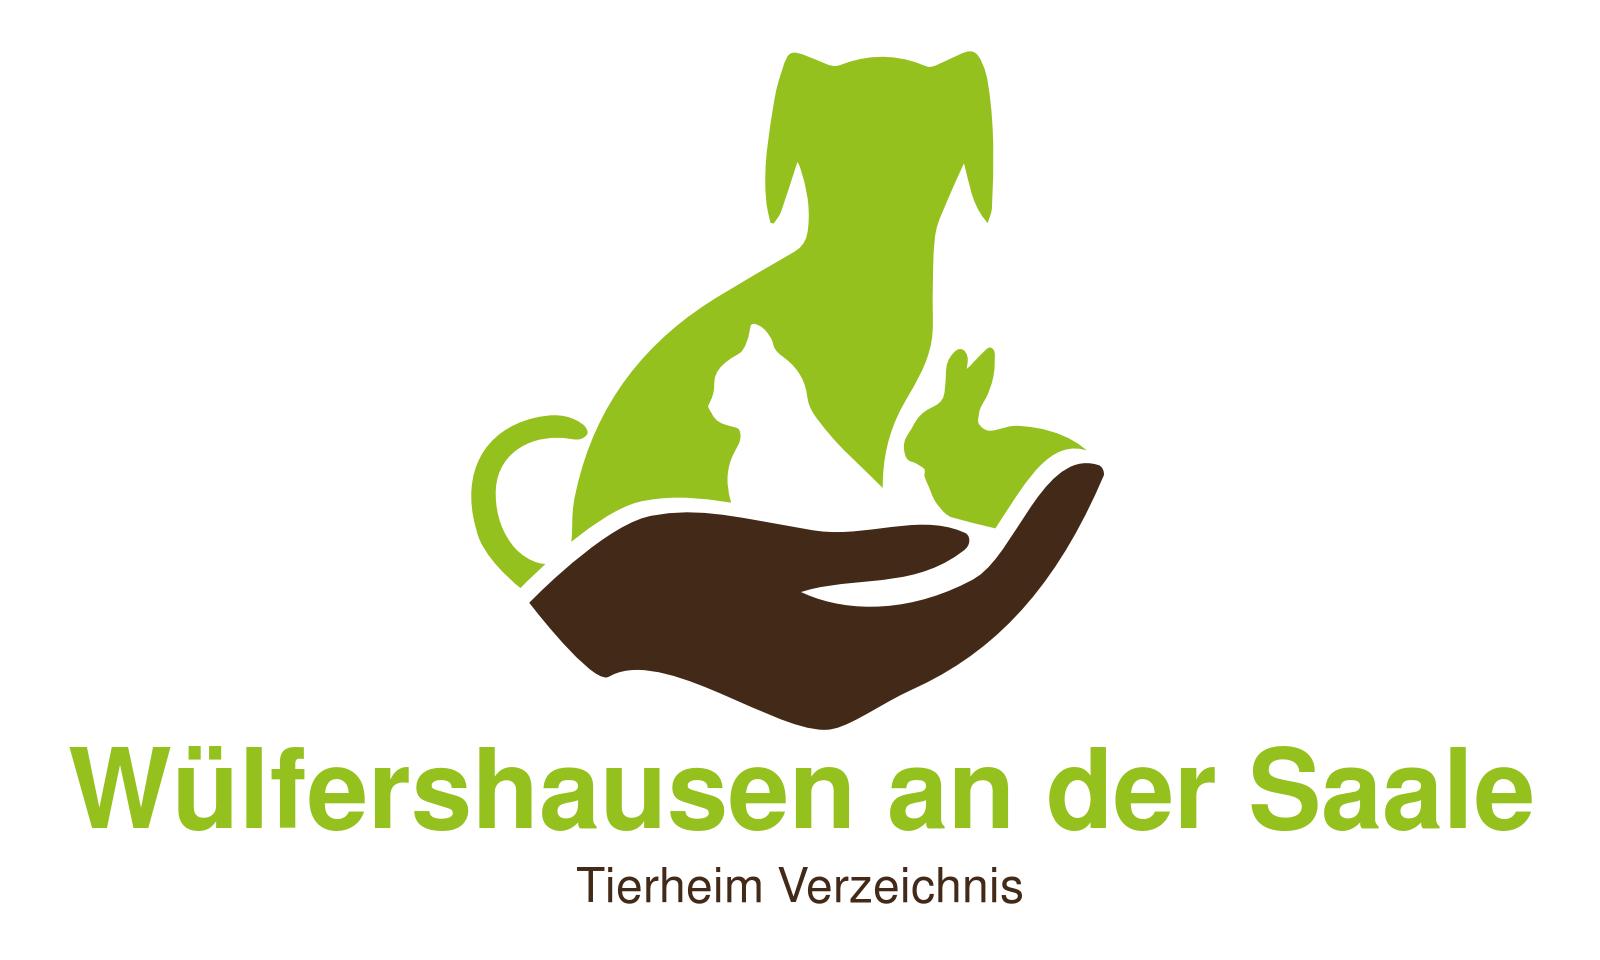 Tierheim Wülfershausen an der Saale